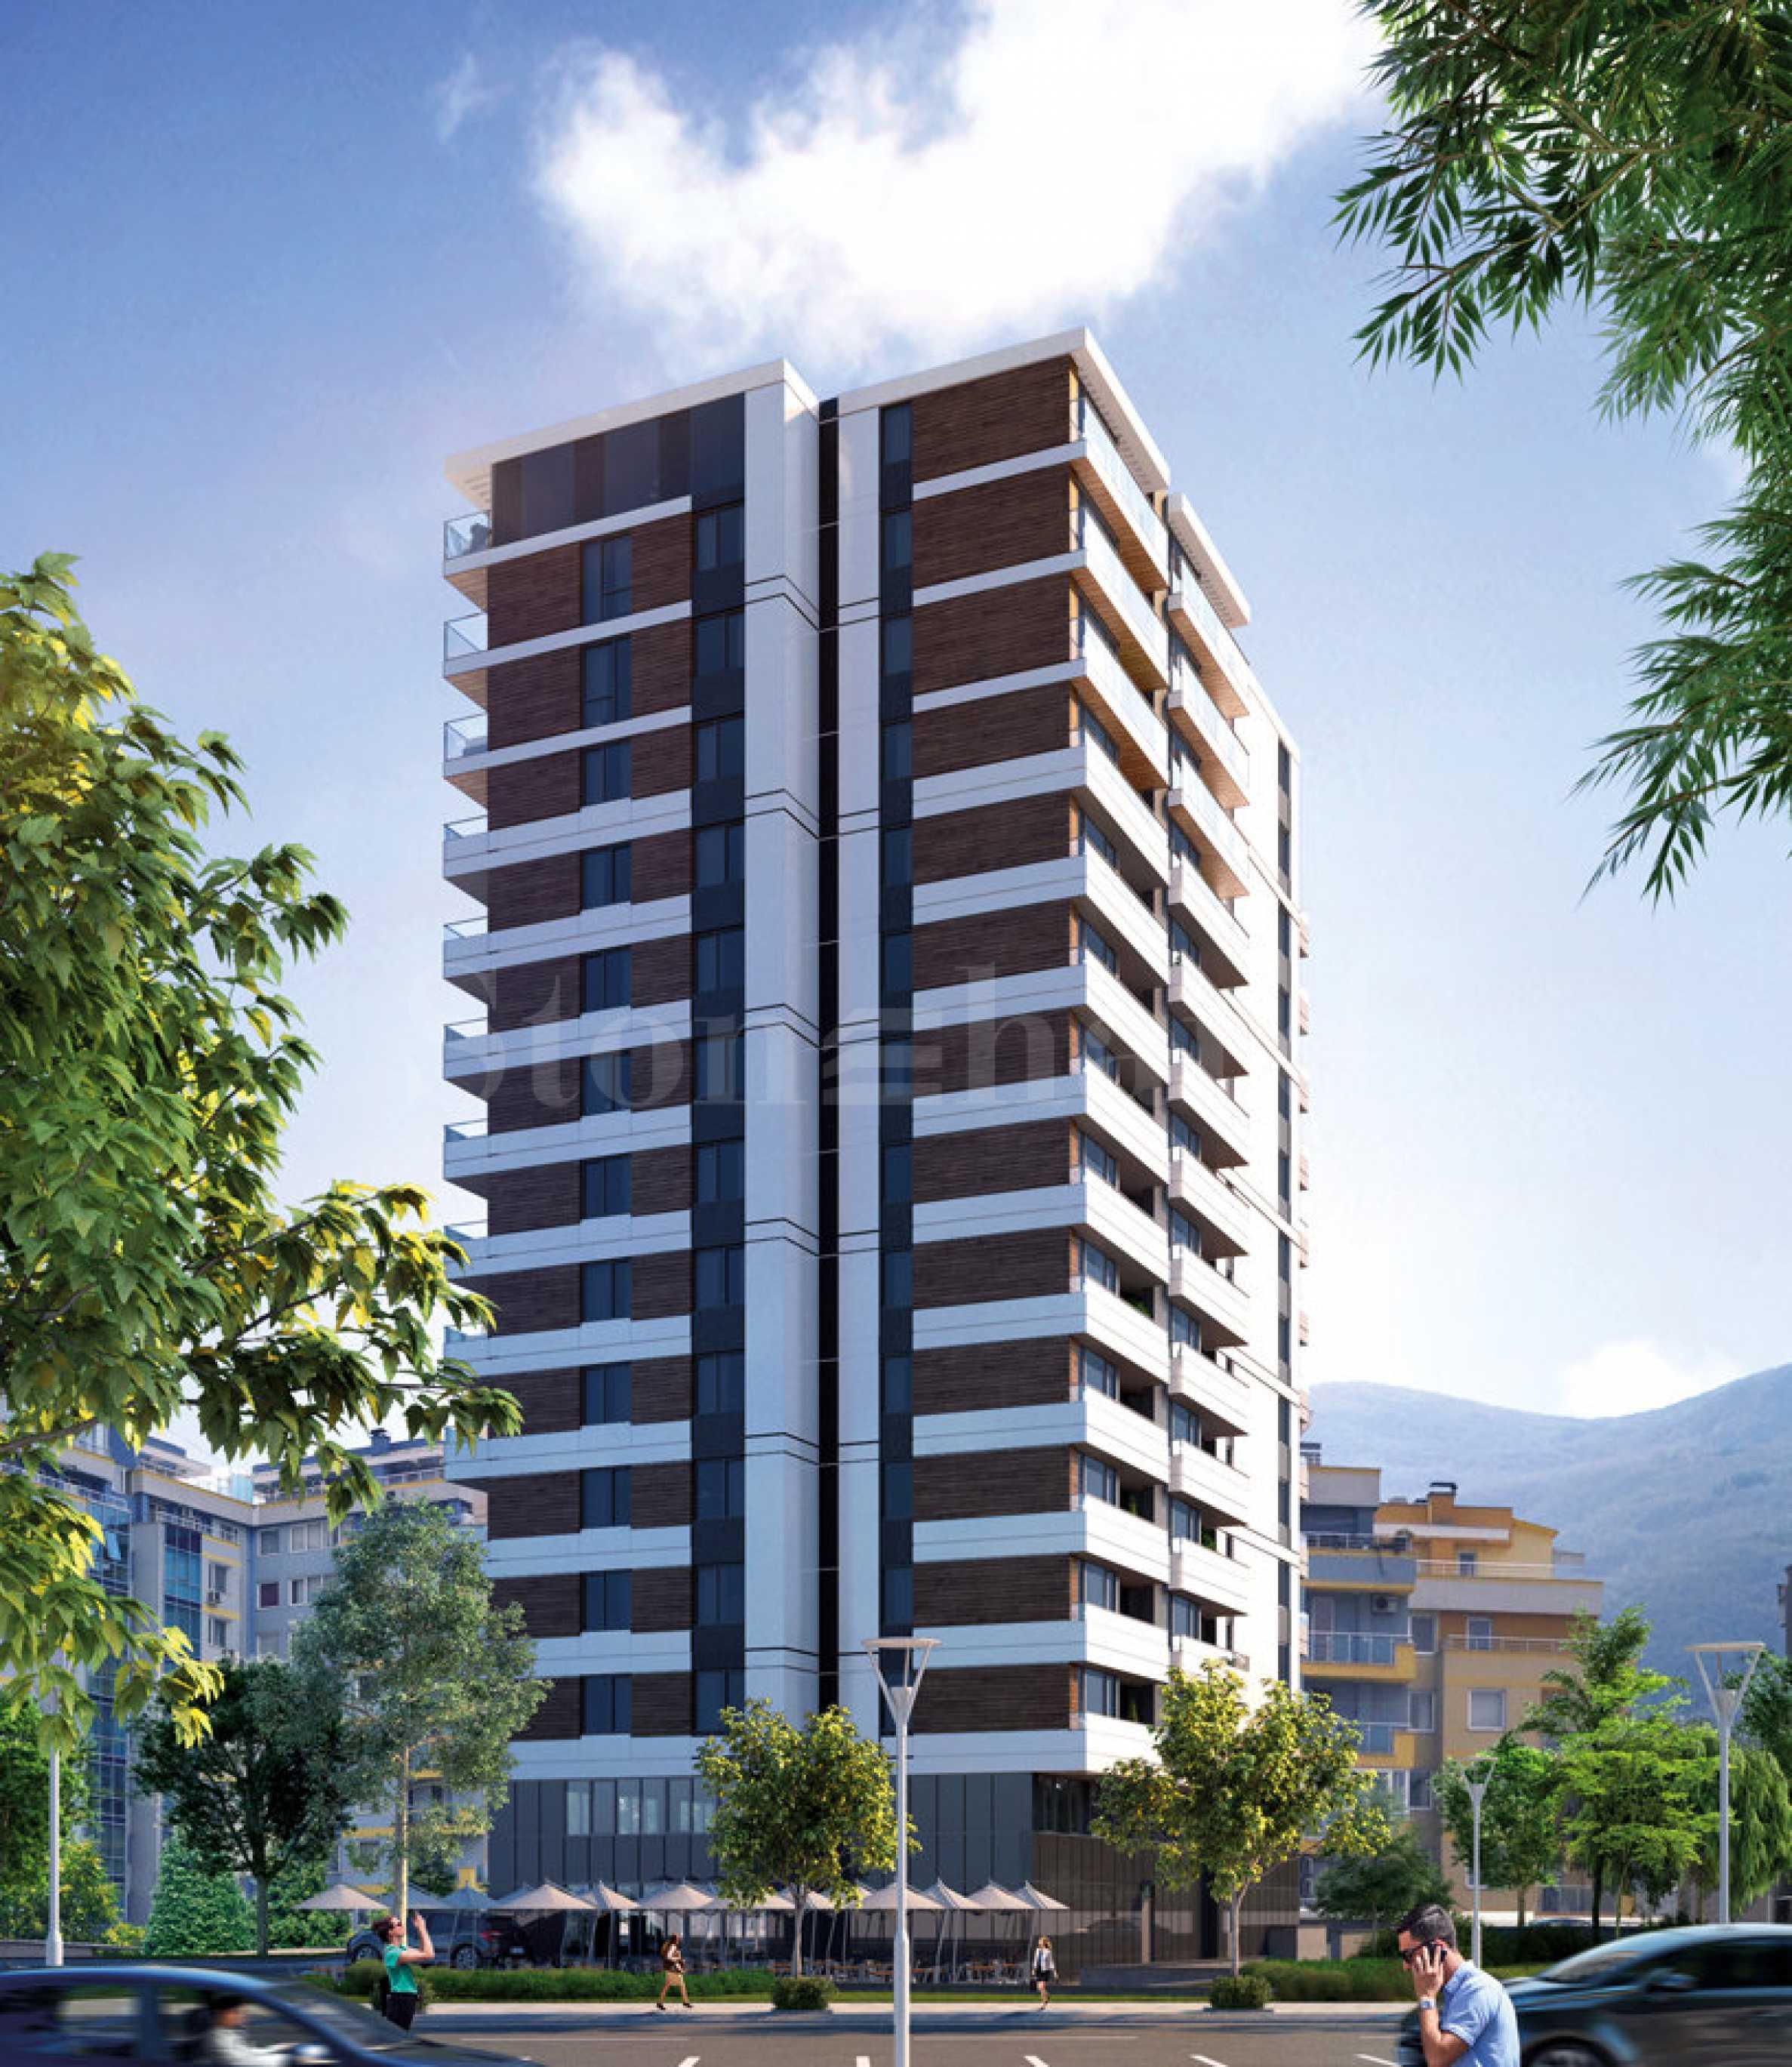 Апартаменти с разкошна панорама към Витоша2 - Stonehard